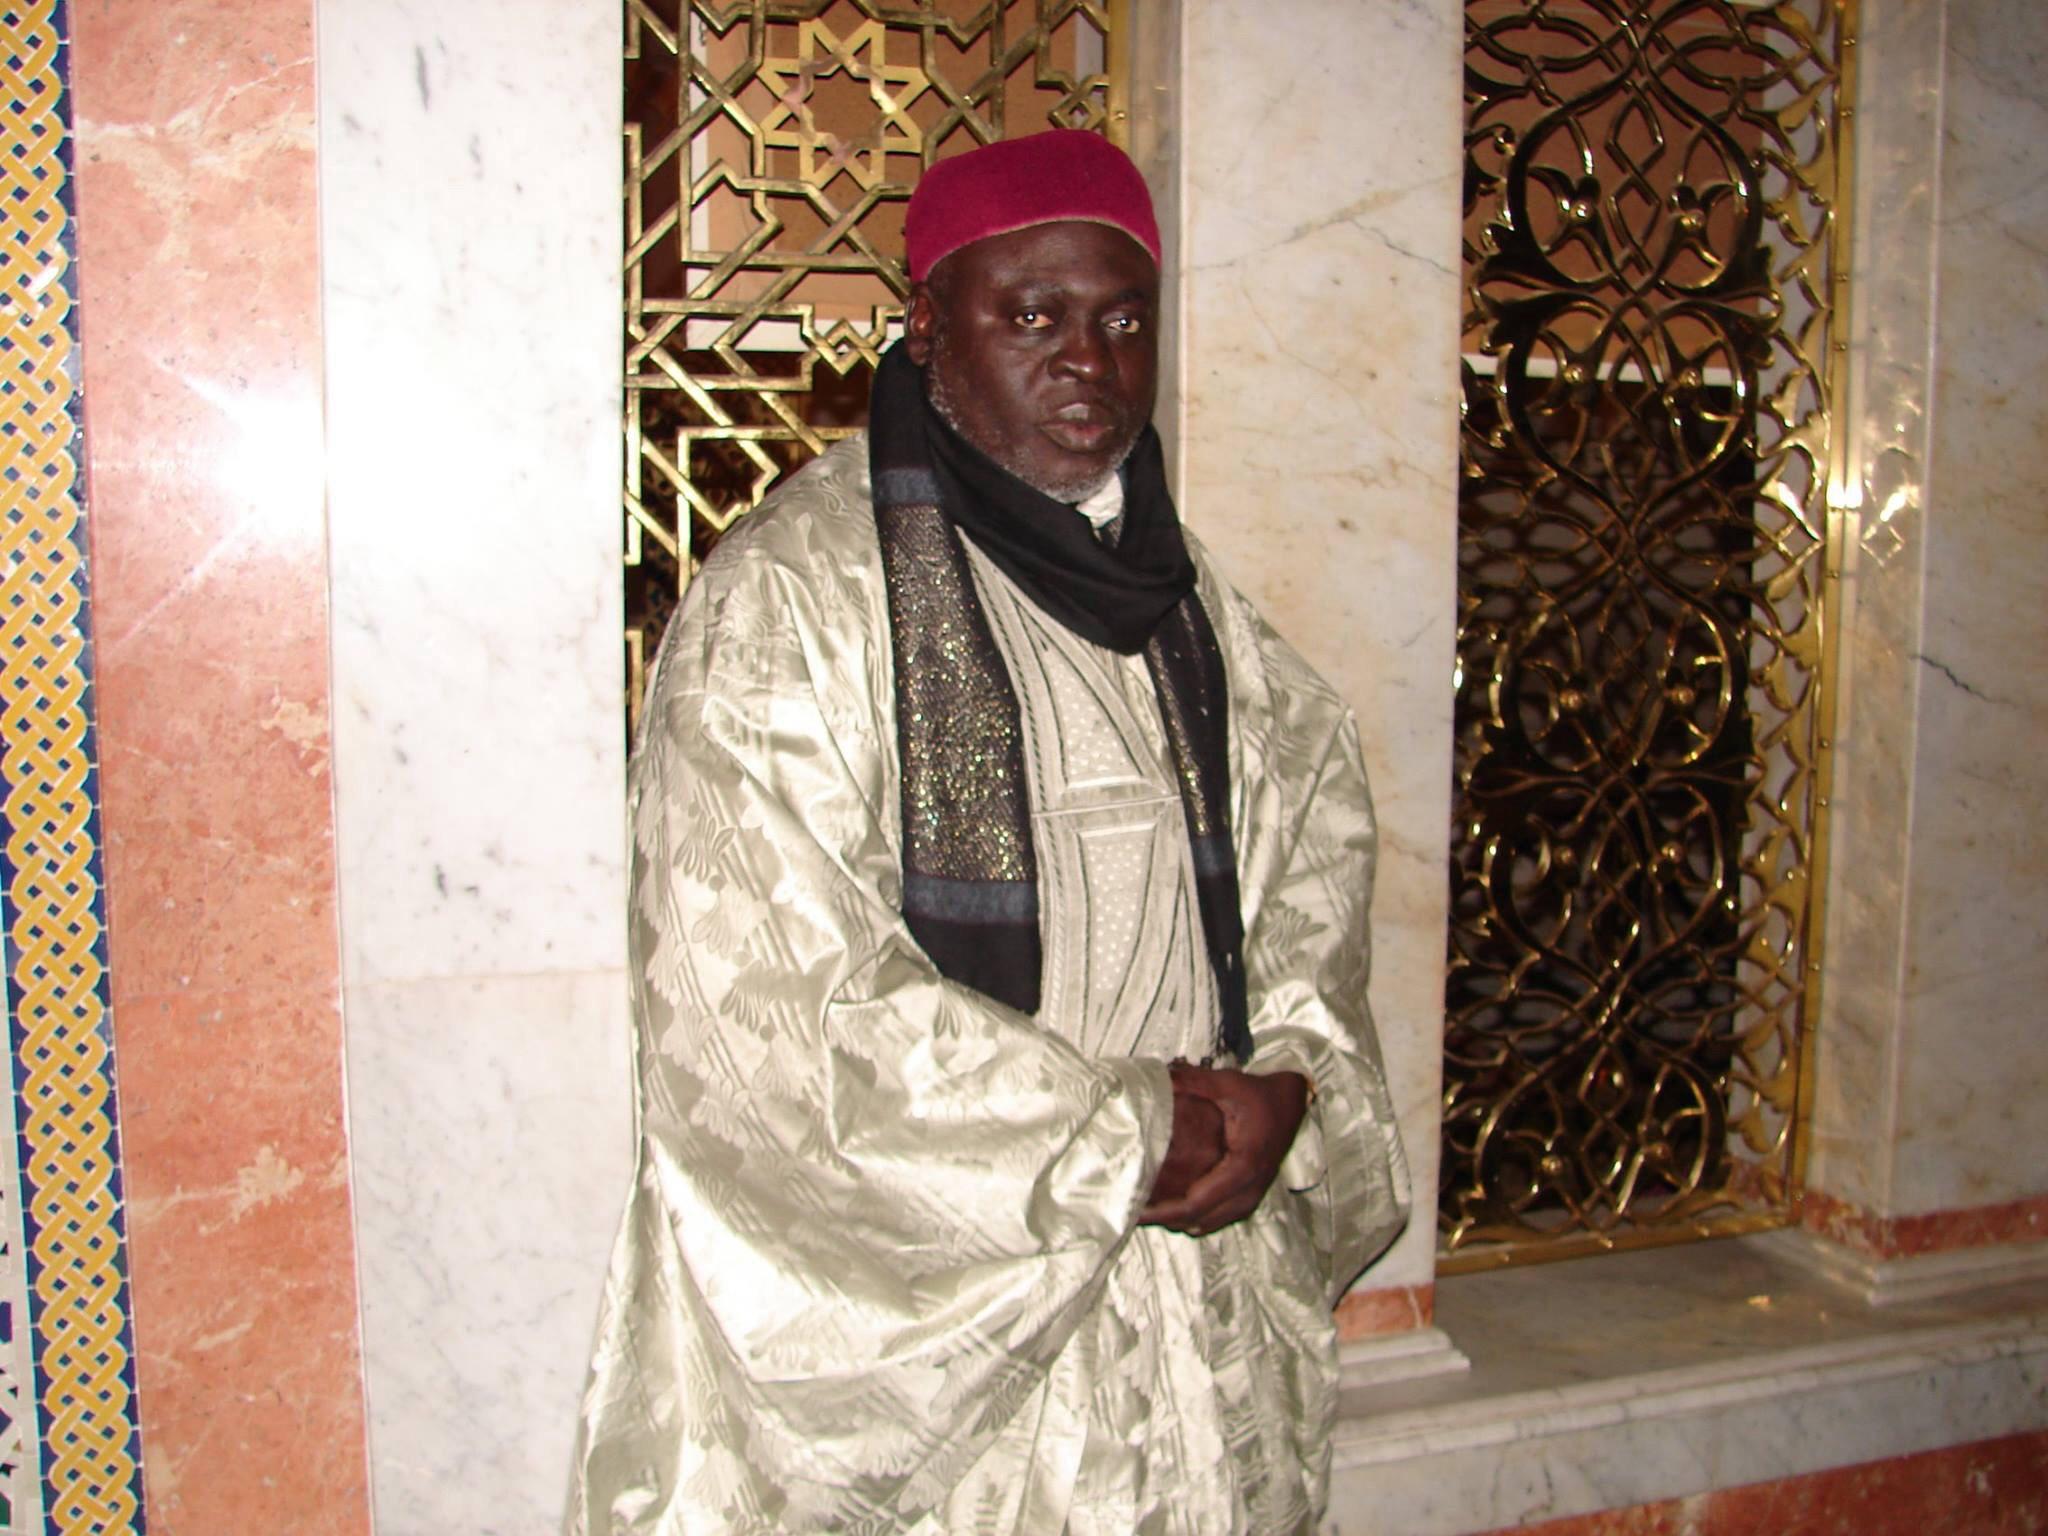 La famille Niassène en deuil : Serigne Mahmoud Ibrahima Niasse inhumé au cimetière de Médina Baye